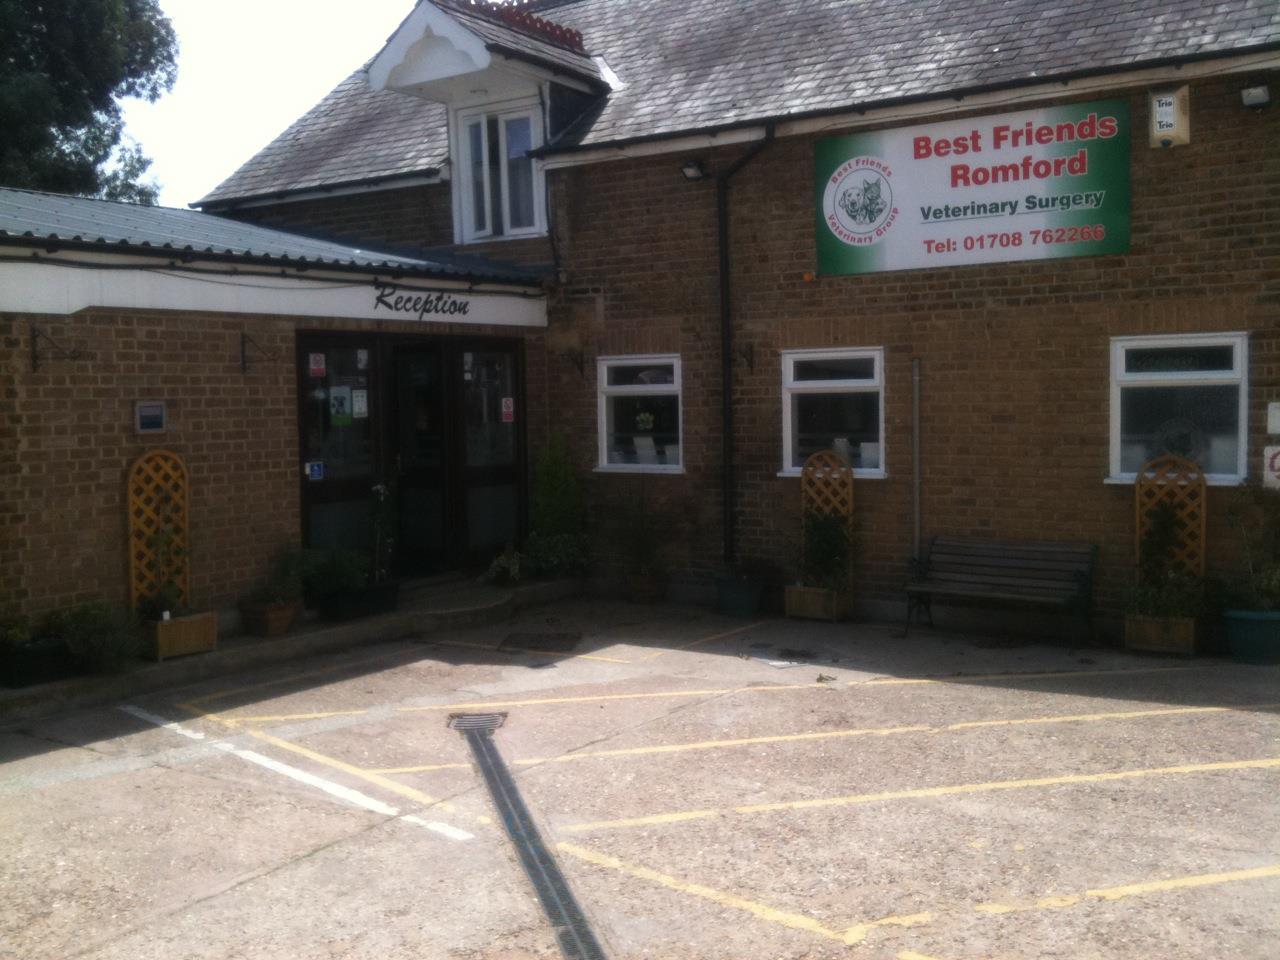 Best Friends Vets Romford Hoad Phillips Vet In Romford Essex